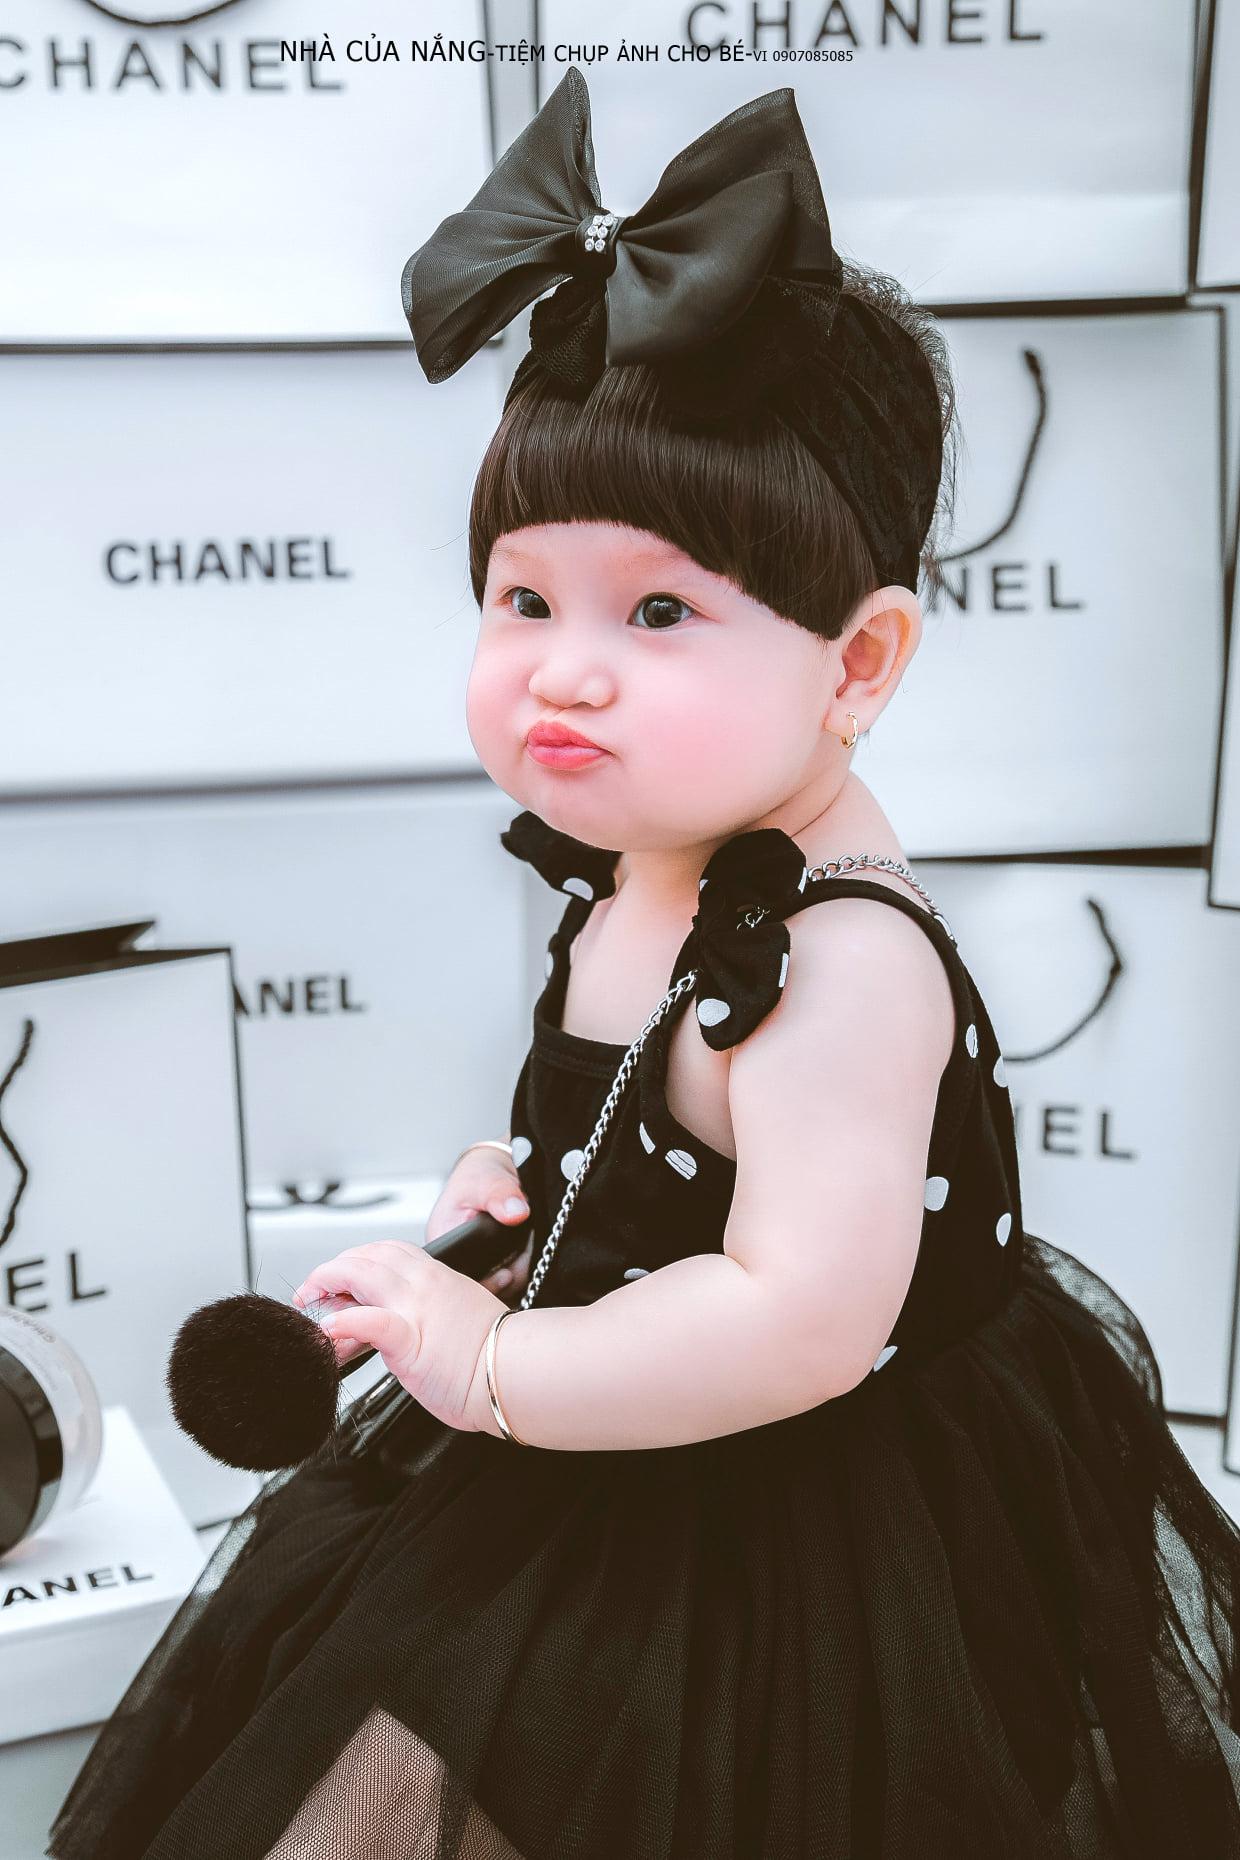 Top 7 Studio chụp ảnh cho bé đẹp và chất lượng nhất Cần Thơ -  Nhà của Nắng